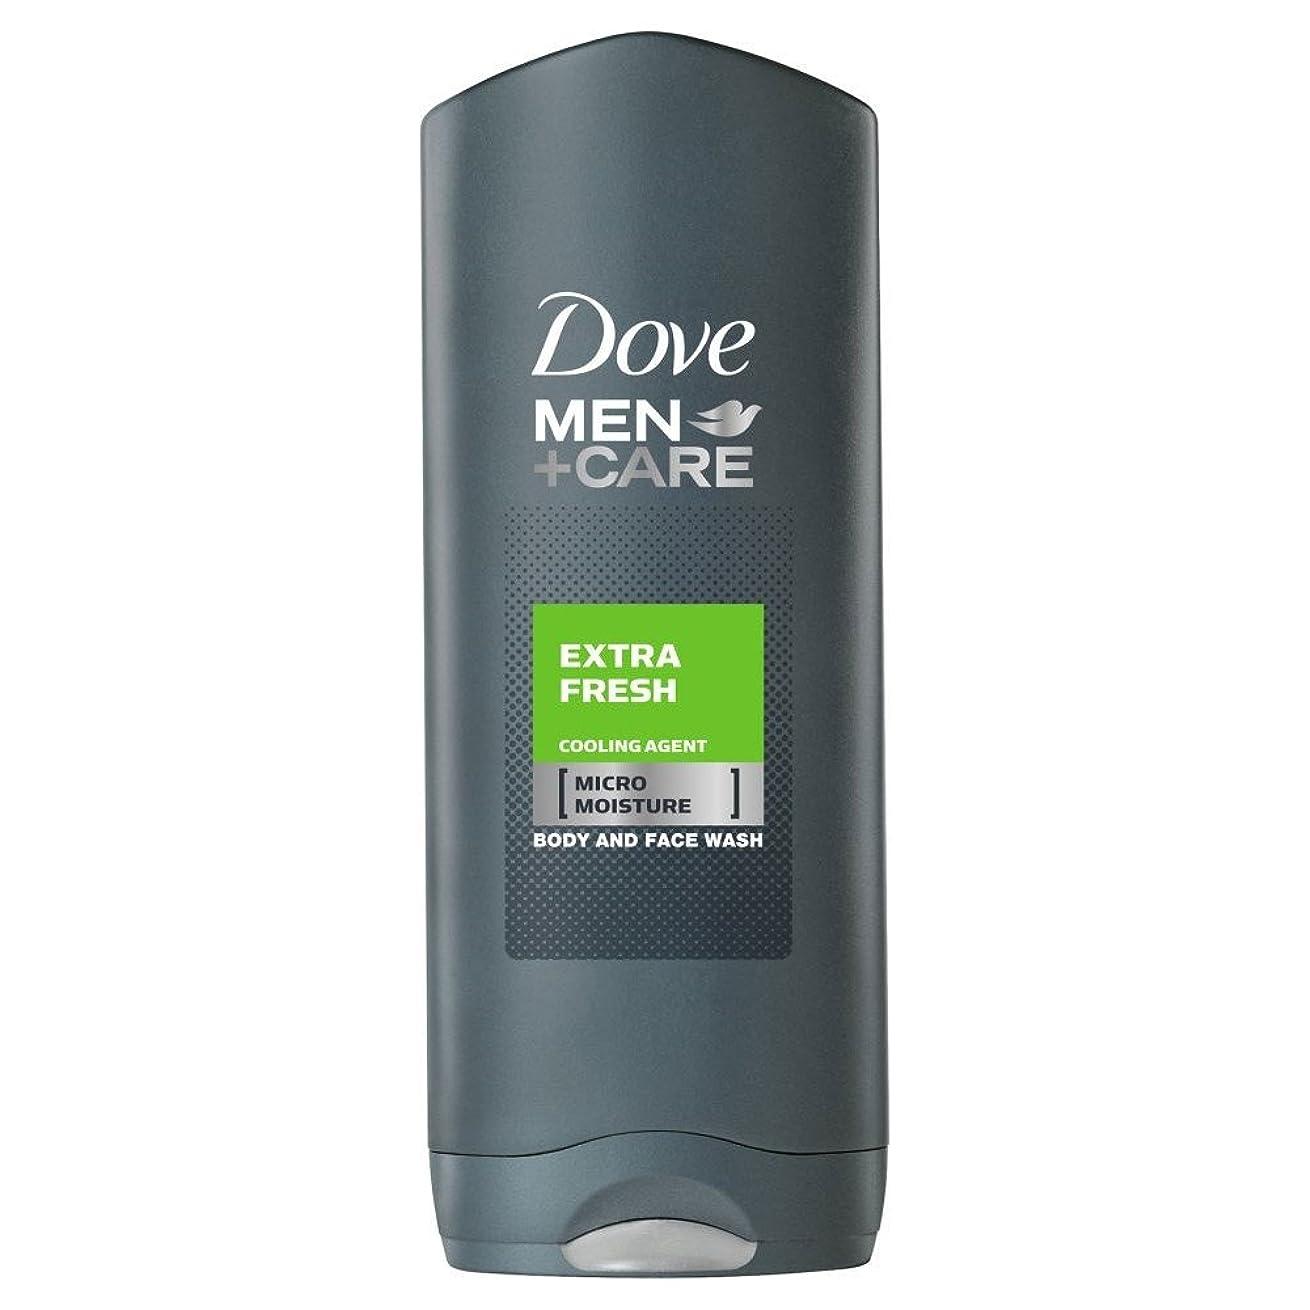 幻滅する敬な実質的Dove Men + Care Body & Face Wash - Extra Fresh (250ml) 鳩の男性は+ボディと洗顔ケア - 余分な新鮮な( 250ミリリットル)を [並行輸入品]